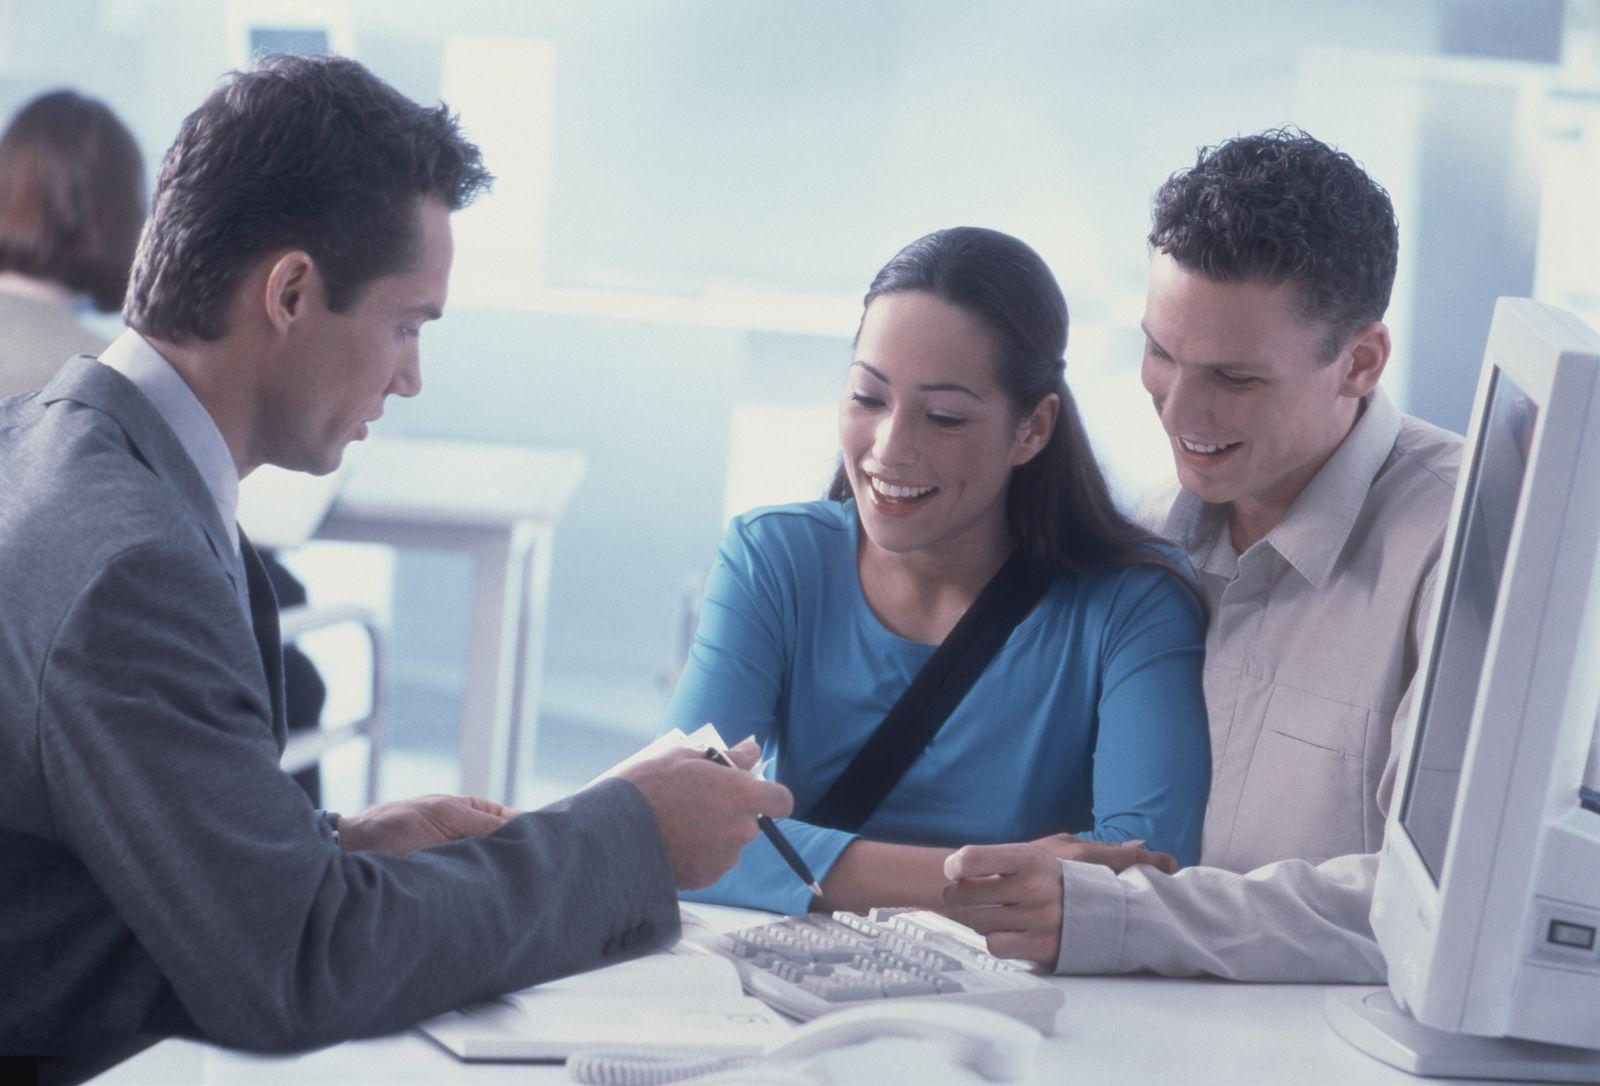 NICHT MEHR VERWENDEN! - KaSP Beratung / Gespräch / Versicherungsvertreter (Kopie 112830)